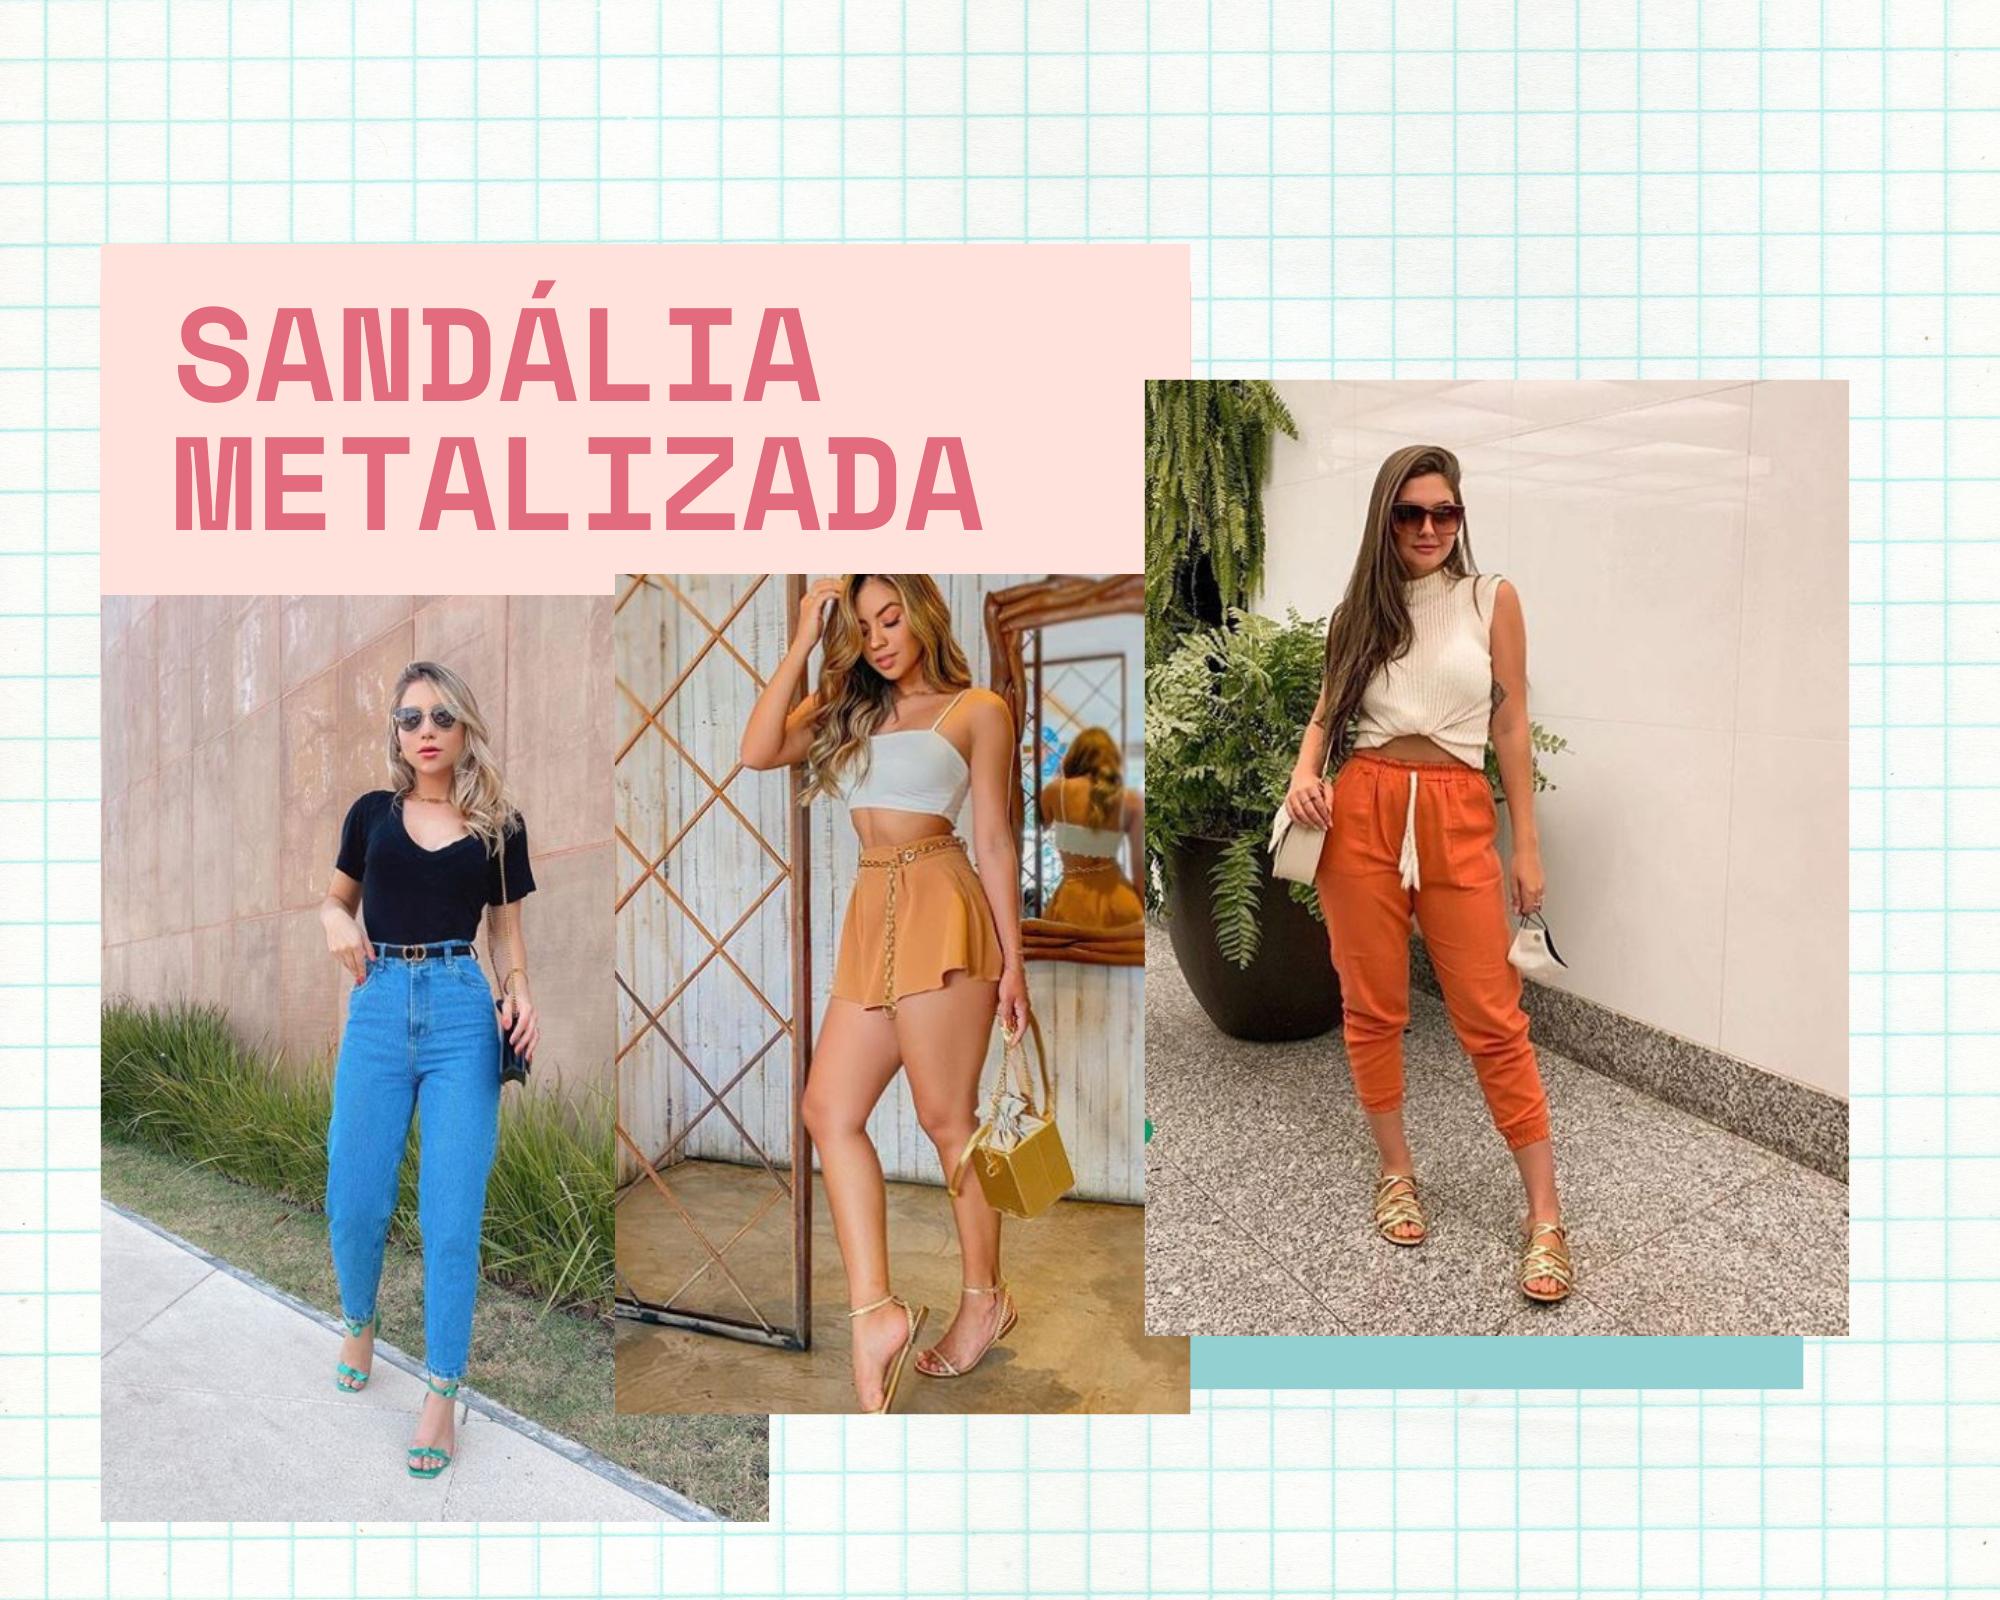 sandaliametalizada